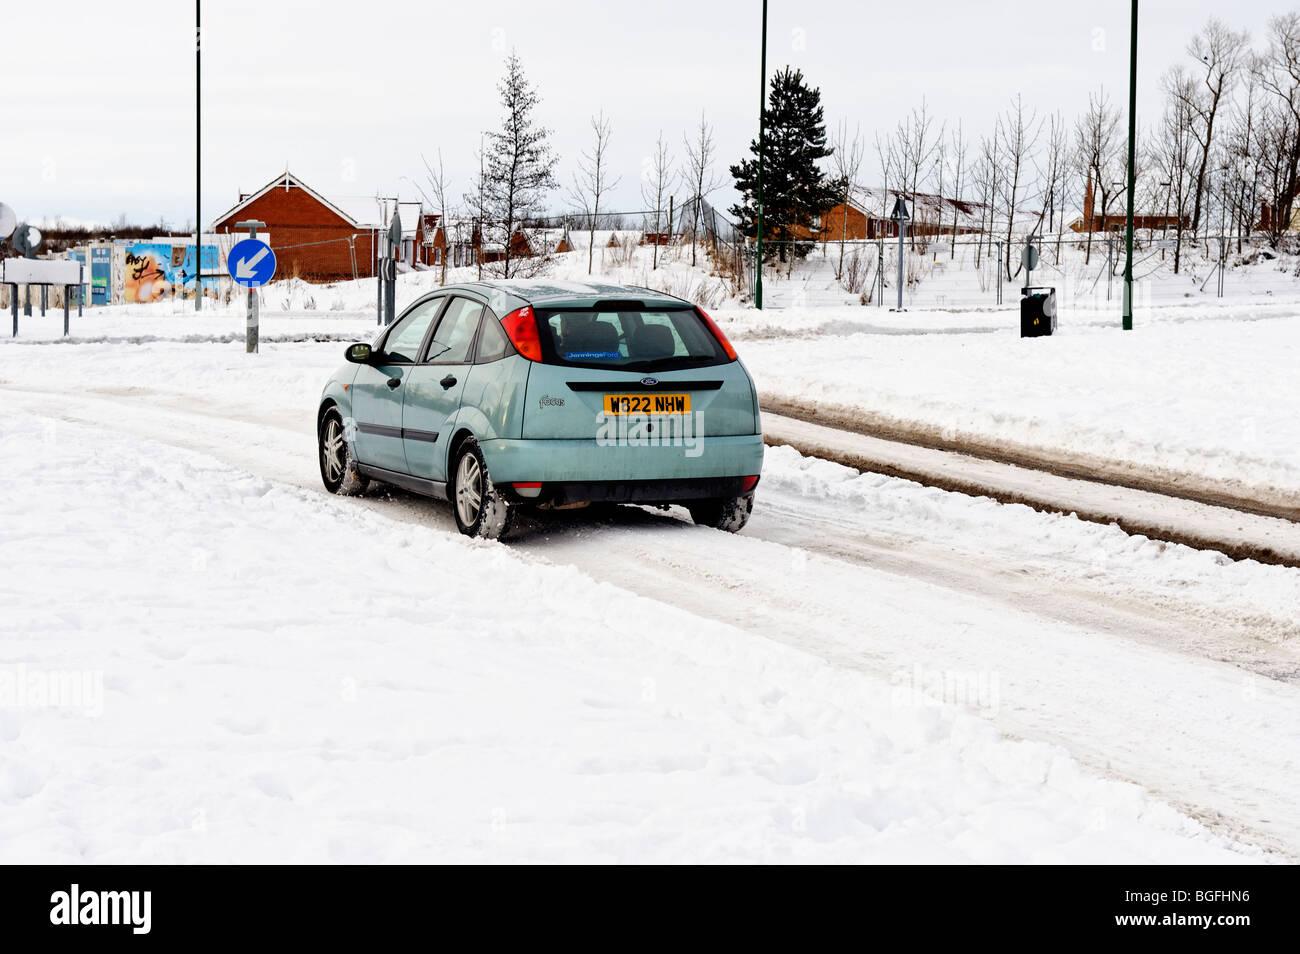 Circuler en hiver car la conduite dans la neige sur une route urbaine Banque D'Images